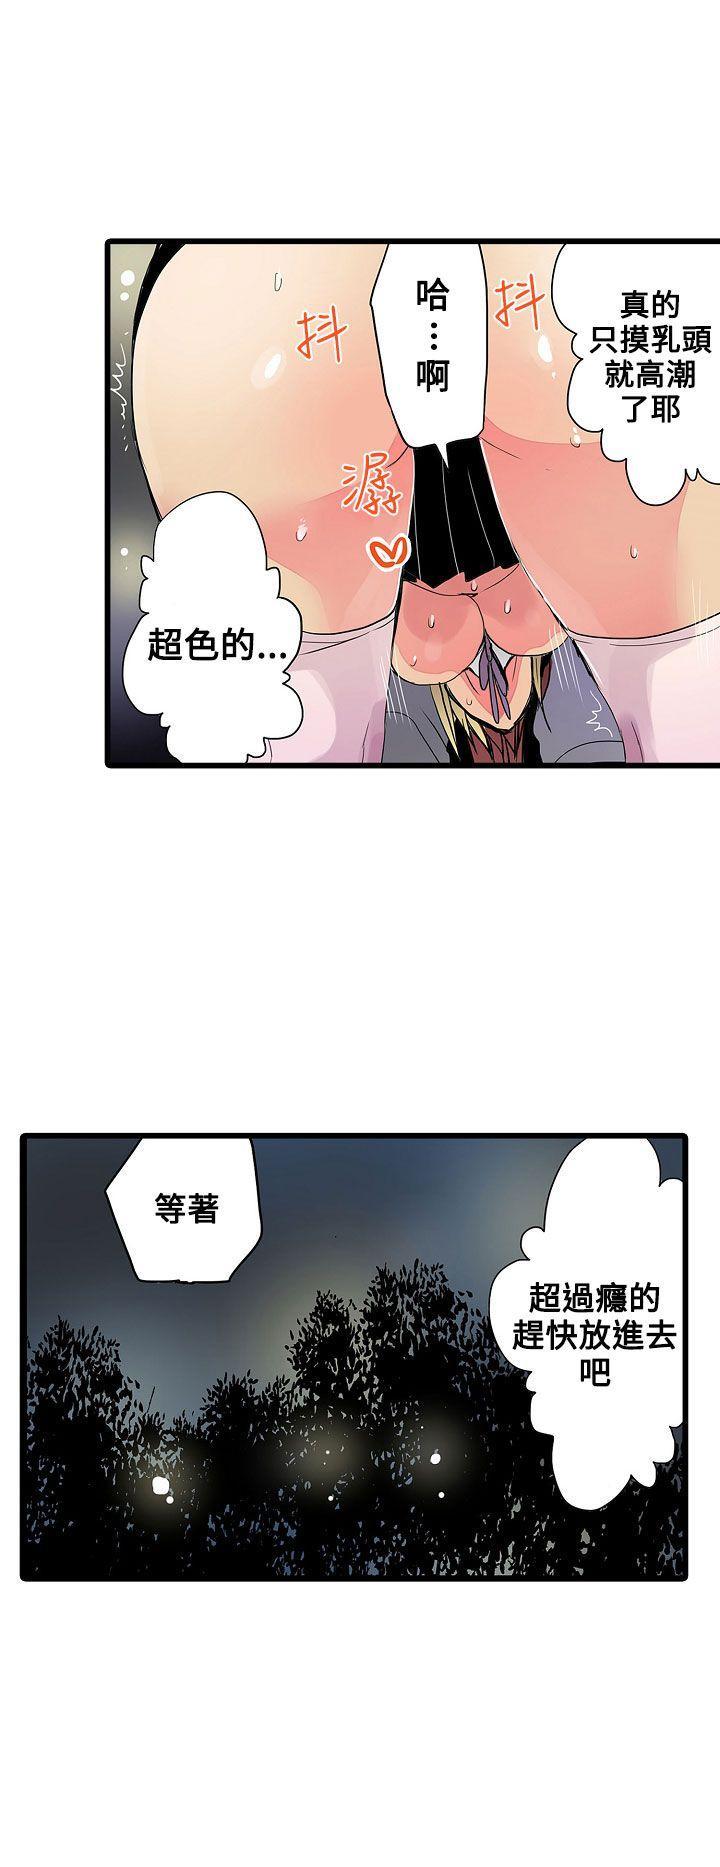 凌辱贩卖机-第23话全彩韩漫标签